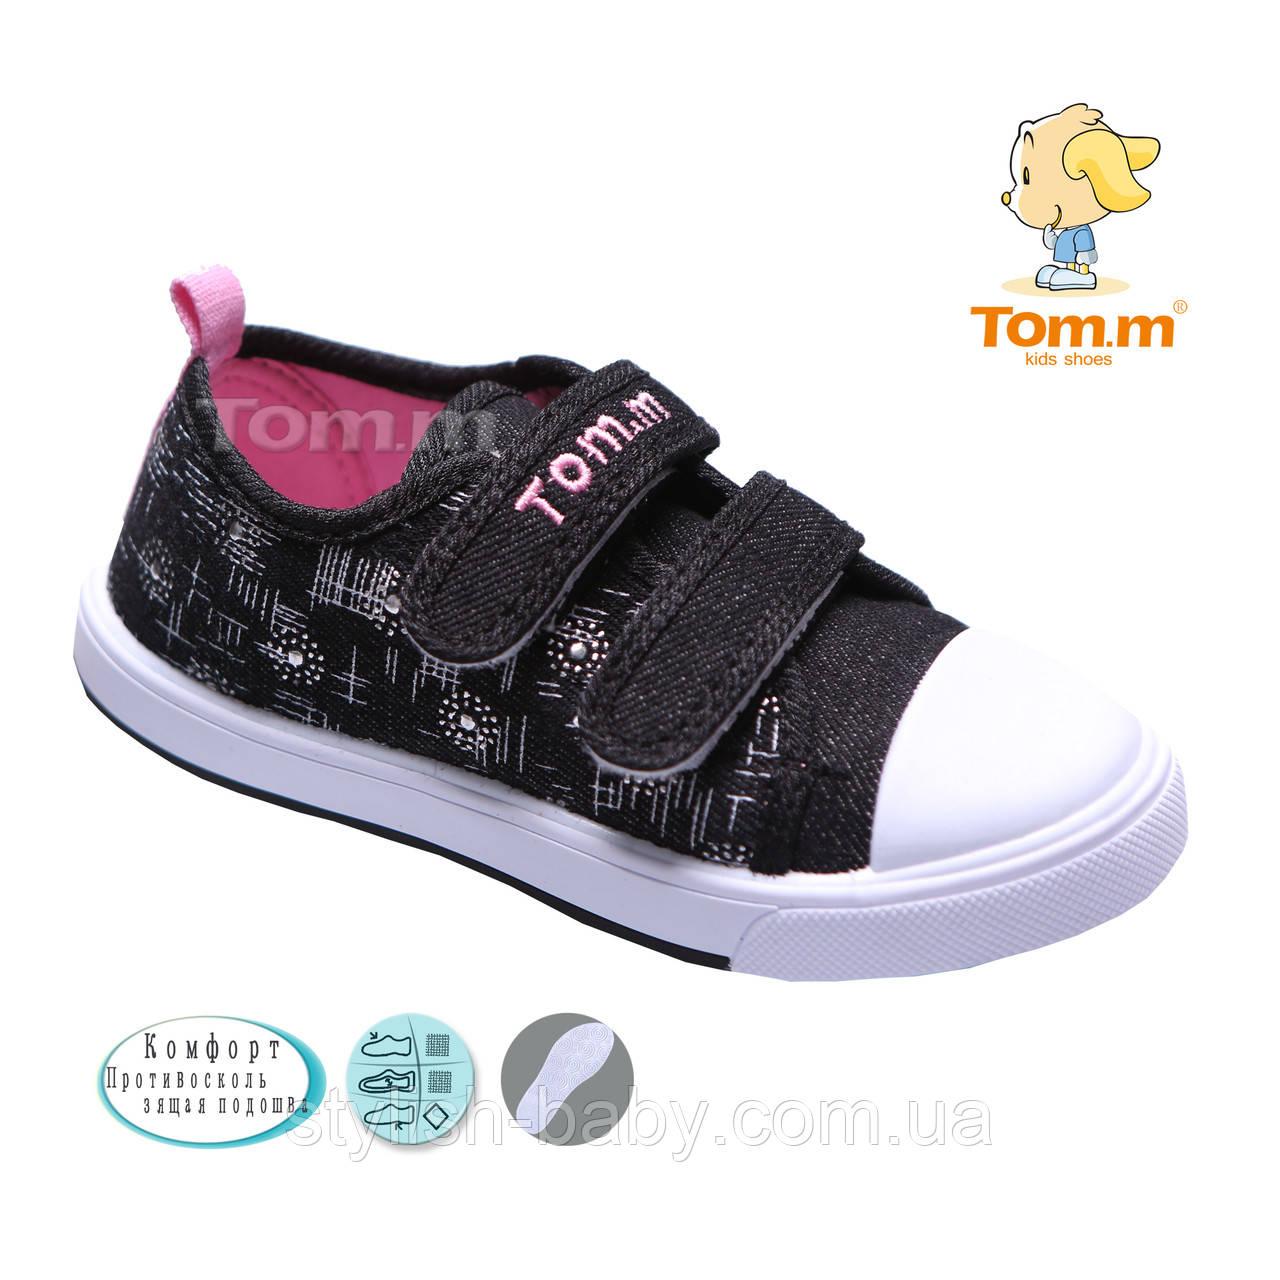 Детская обувь оптом. Детские кеды бренда Tom.m для девочек (рр. с 25 по 30)